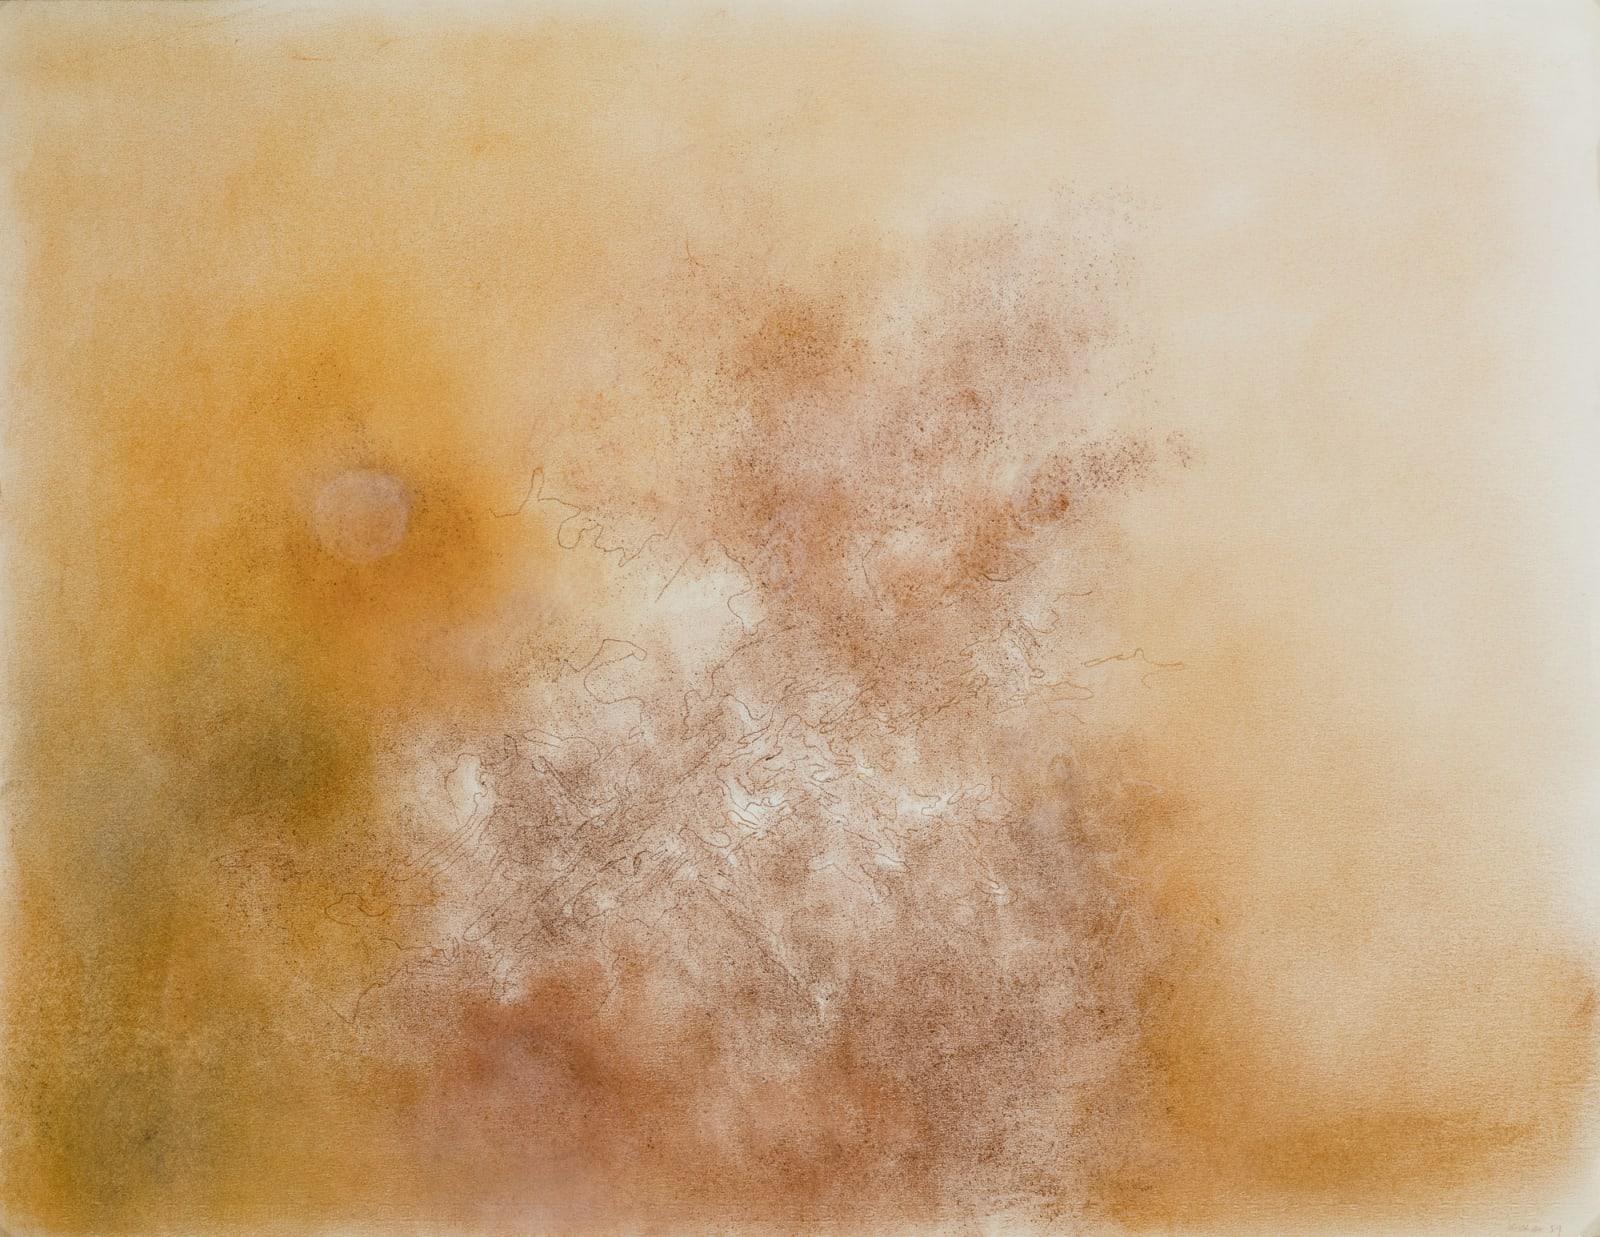 Lalan 謝景蘭, Untitled《無題》, 1989